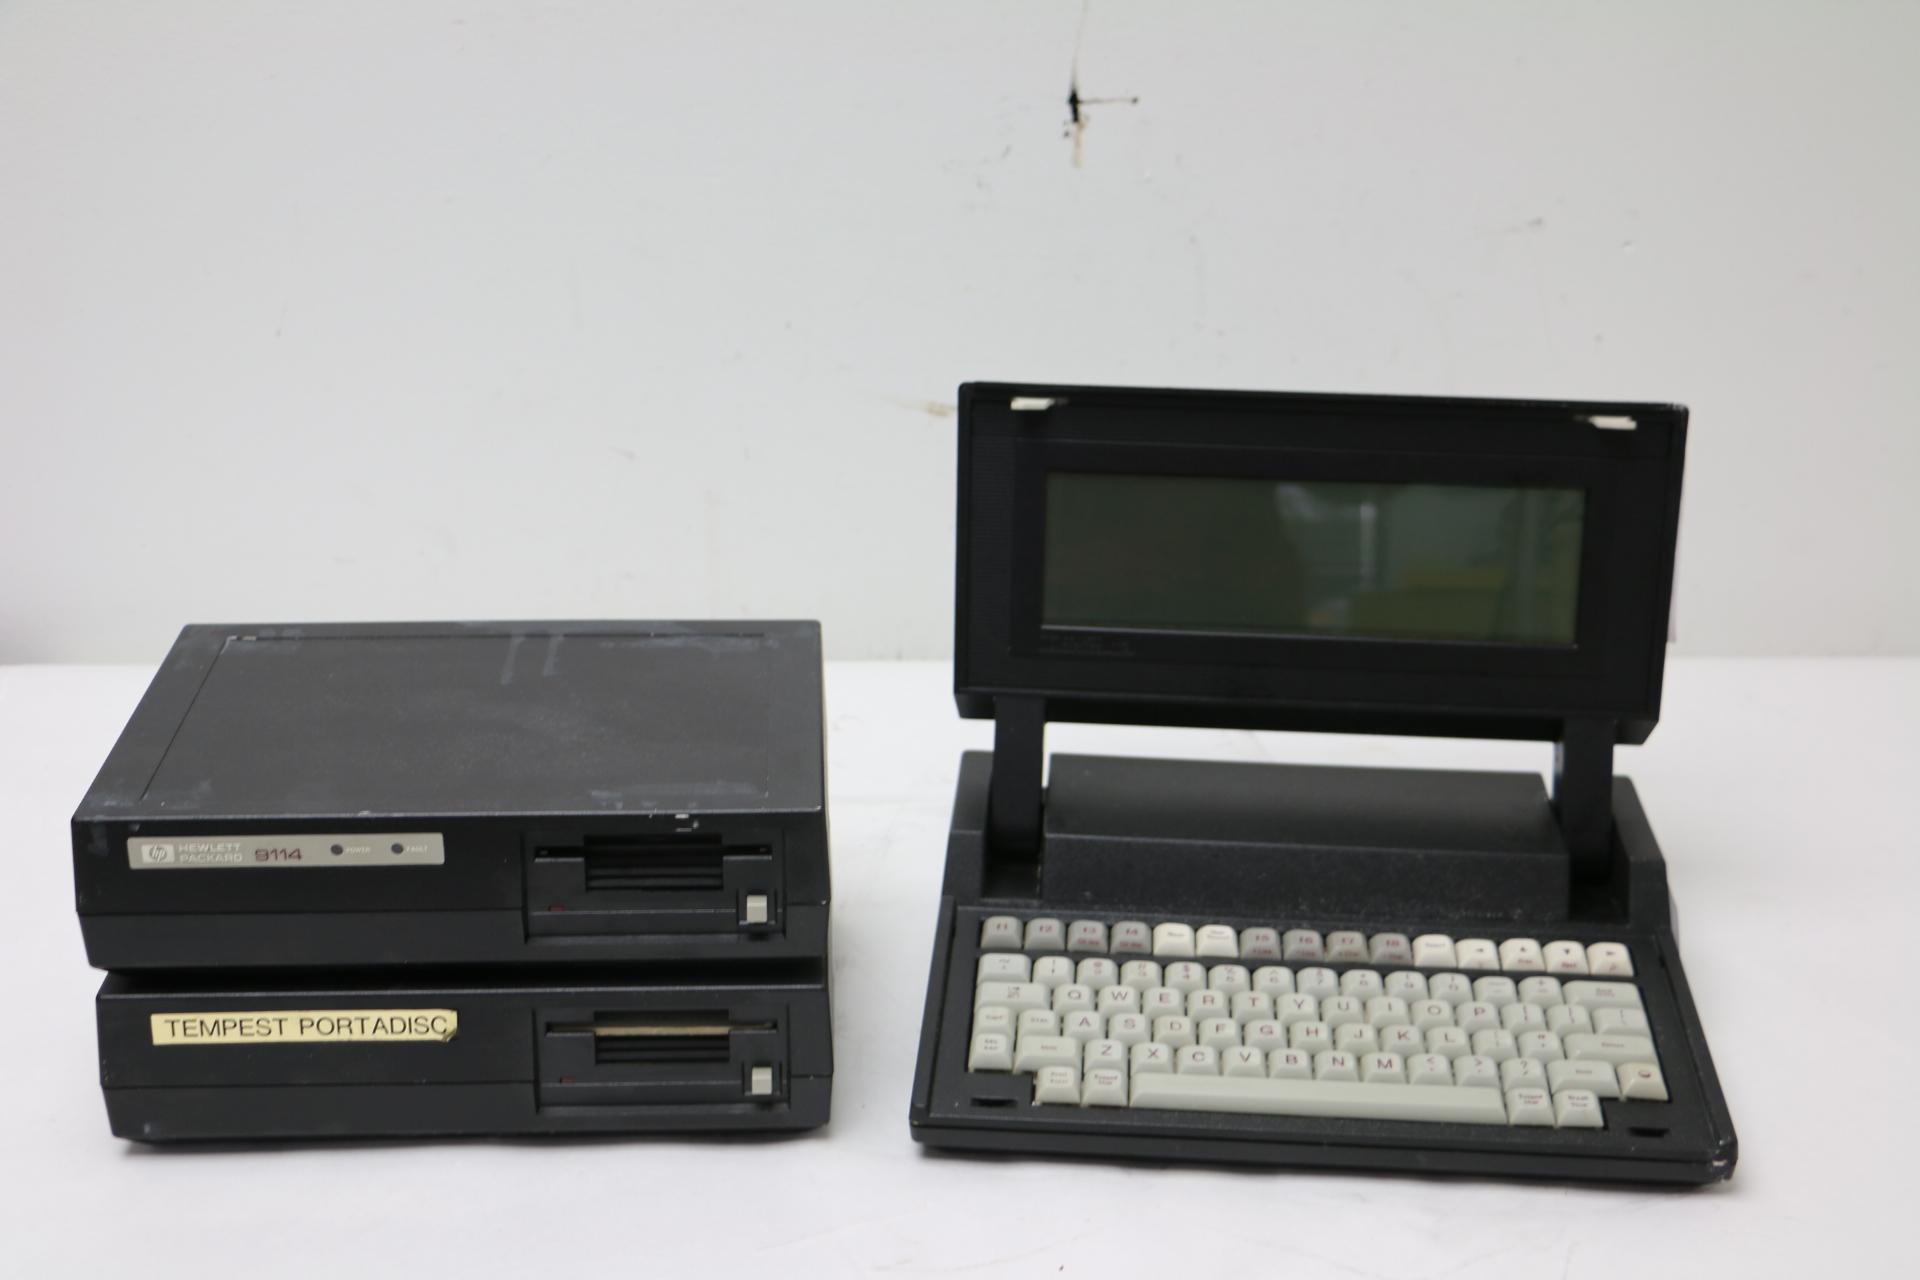 vintage hp model 110 nomad portable computer w hp 9114. Black Bedroom Furniture Sets. Home Design Ideas